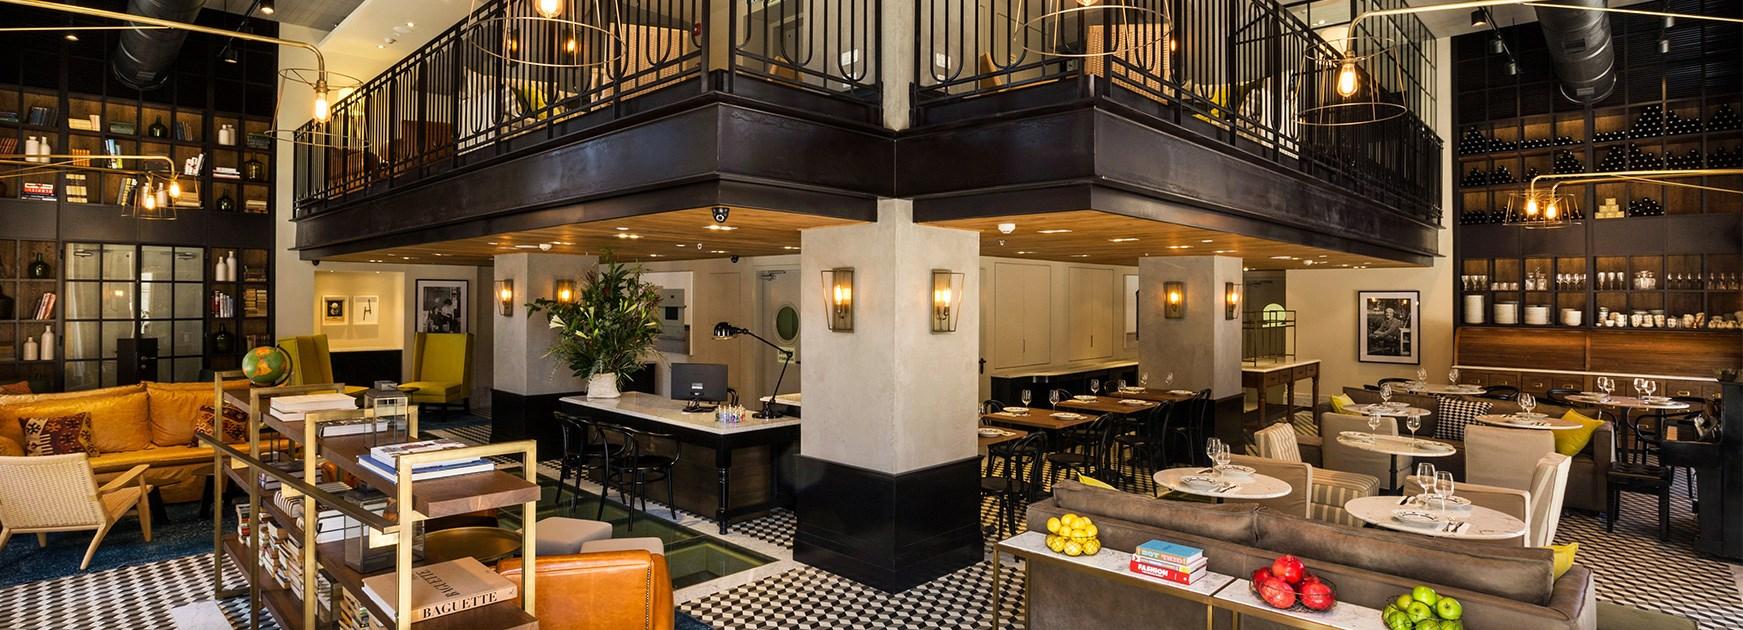 market hotel tel aviv